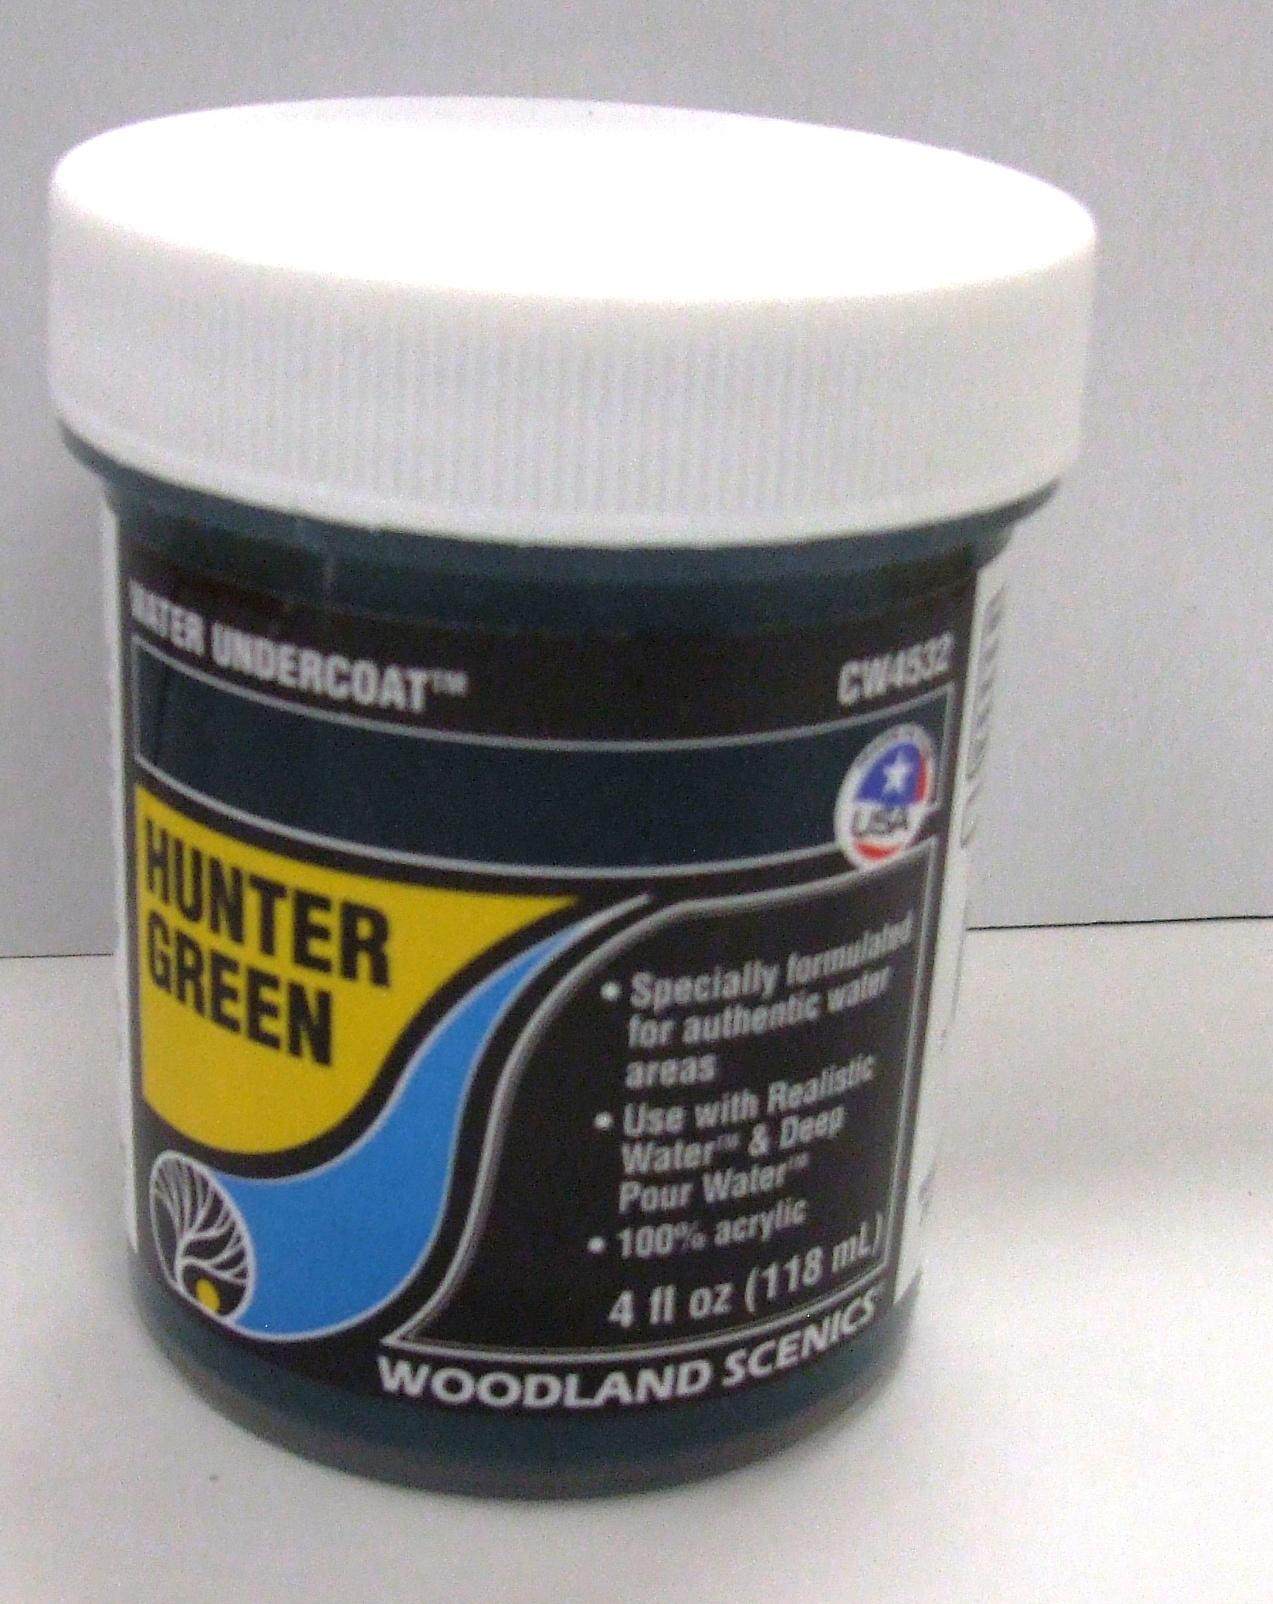 CW 4532 Woodland Wassergrundfarbe jägergrün